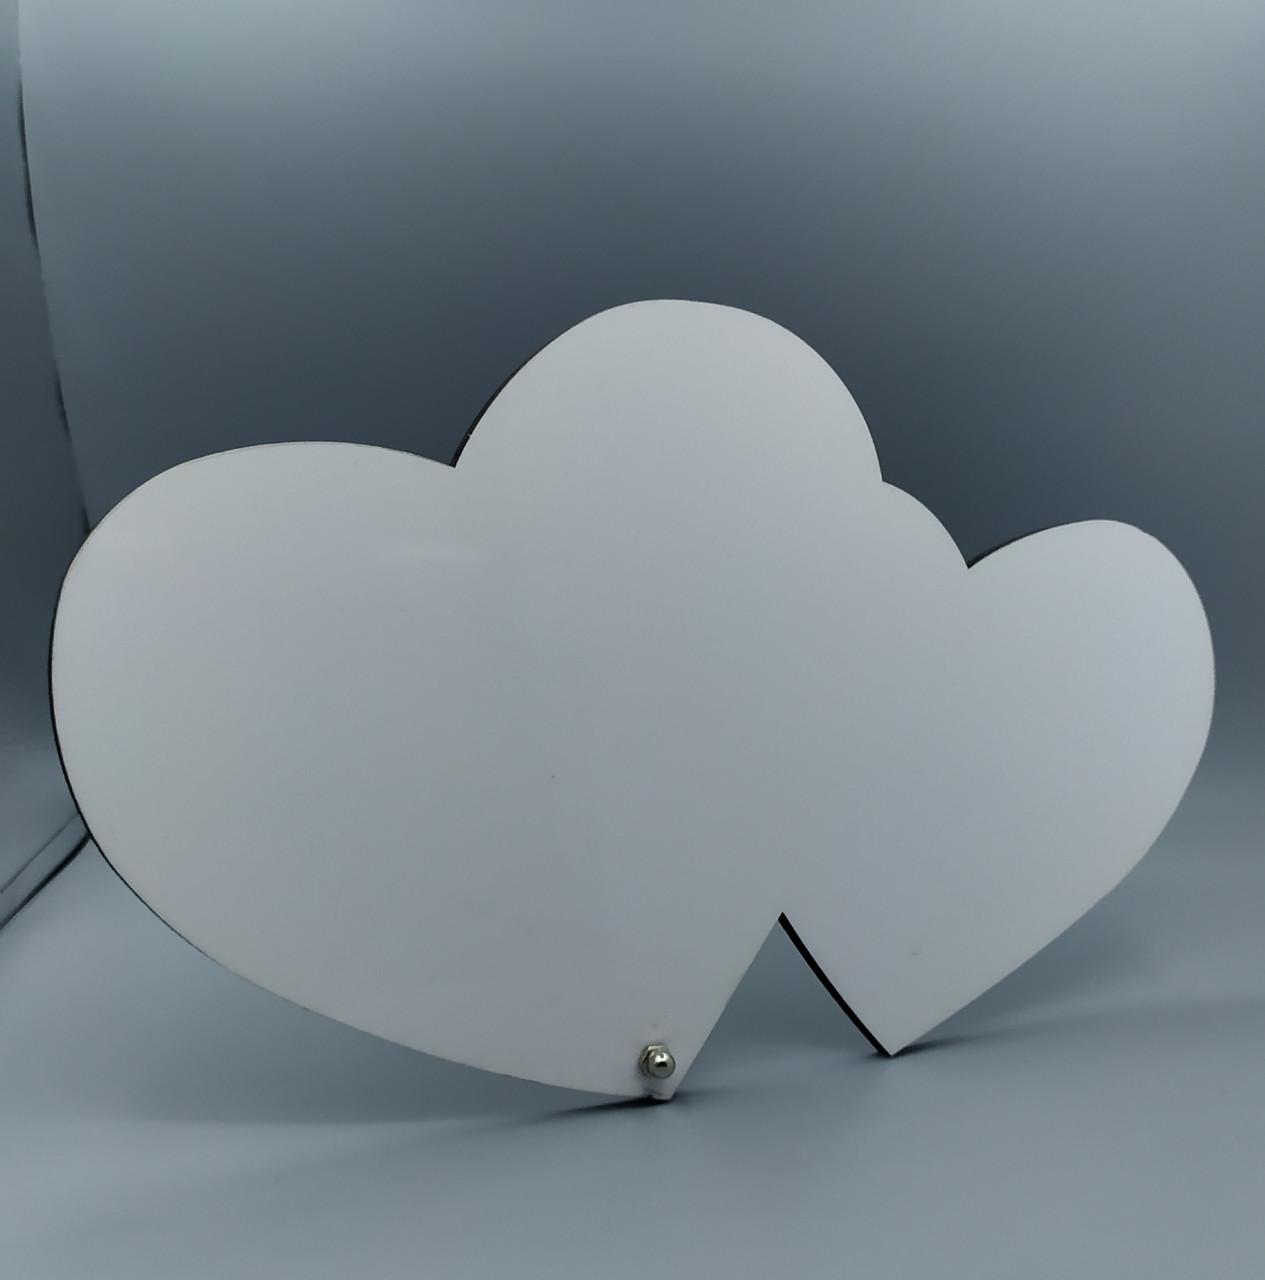 Рамка МДФ для сублимации (два сердца), размер 280х180х5мм